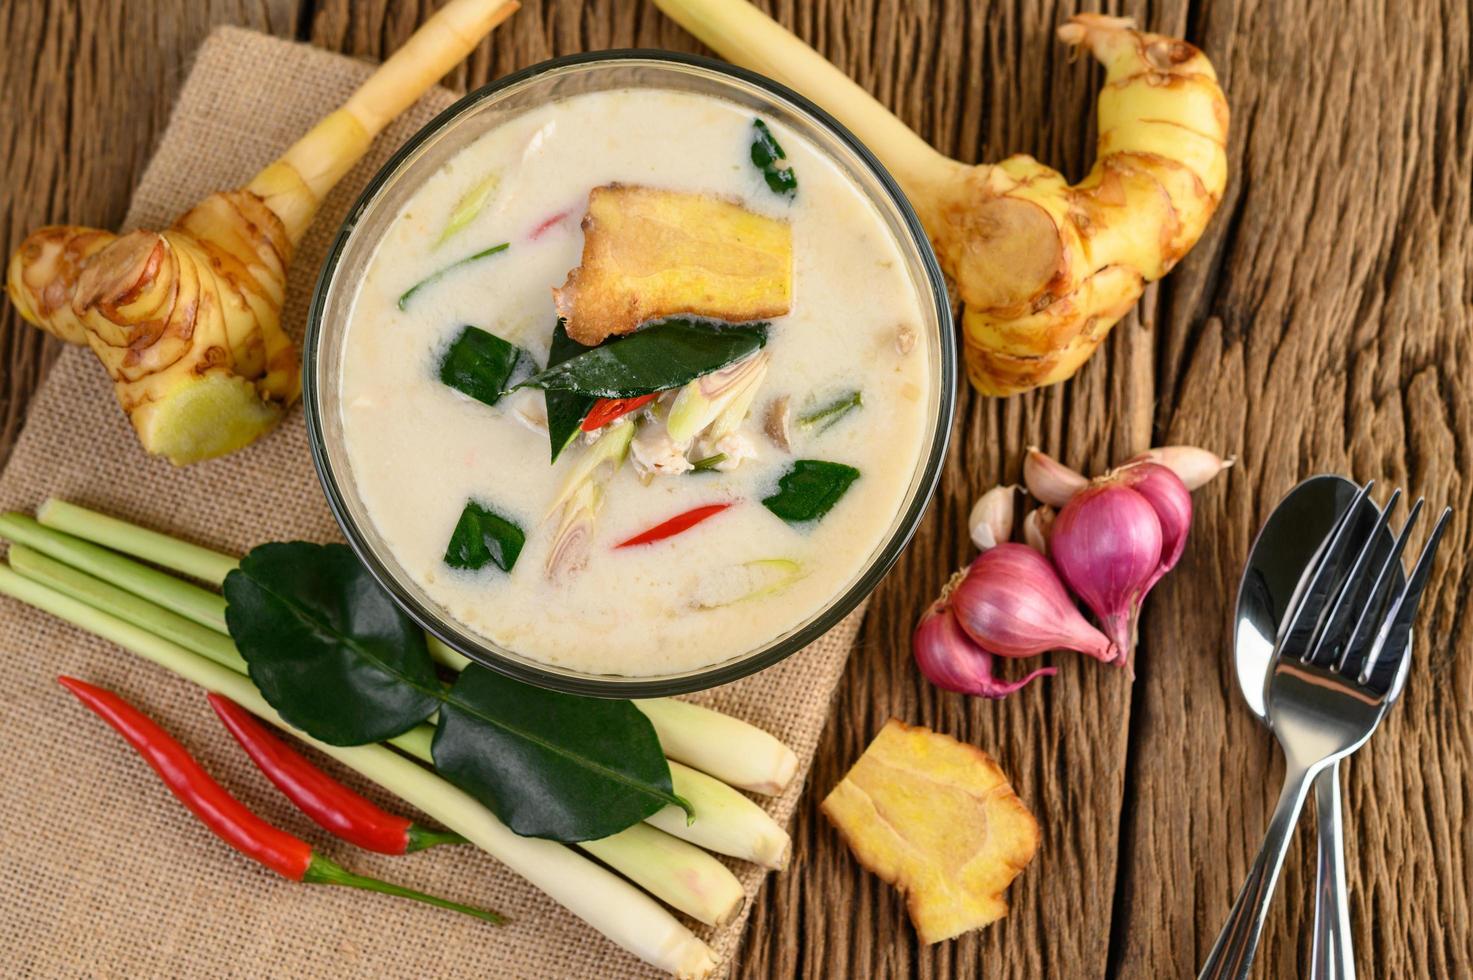 Tom Kha Kai, thailändische Kokosnusssuppe auf hölzernem Küchenbrett foto